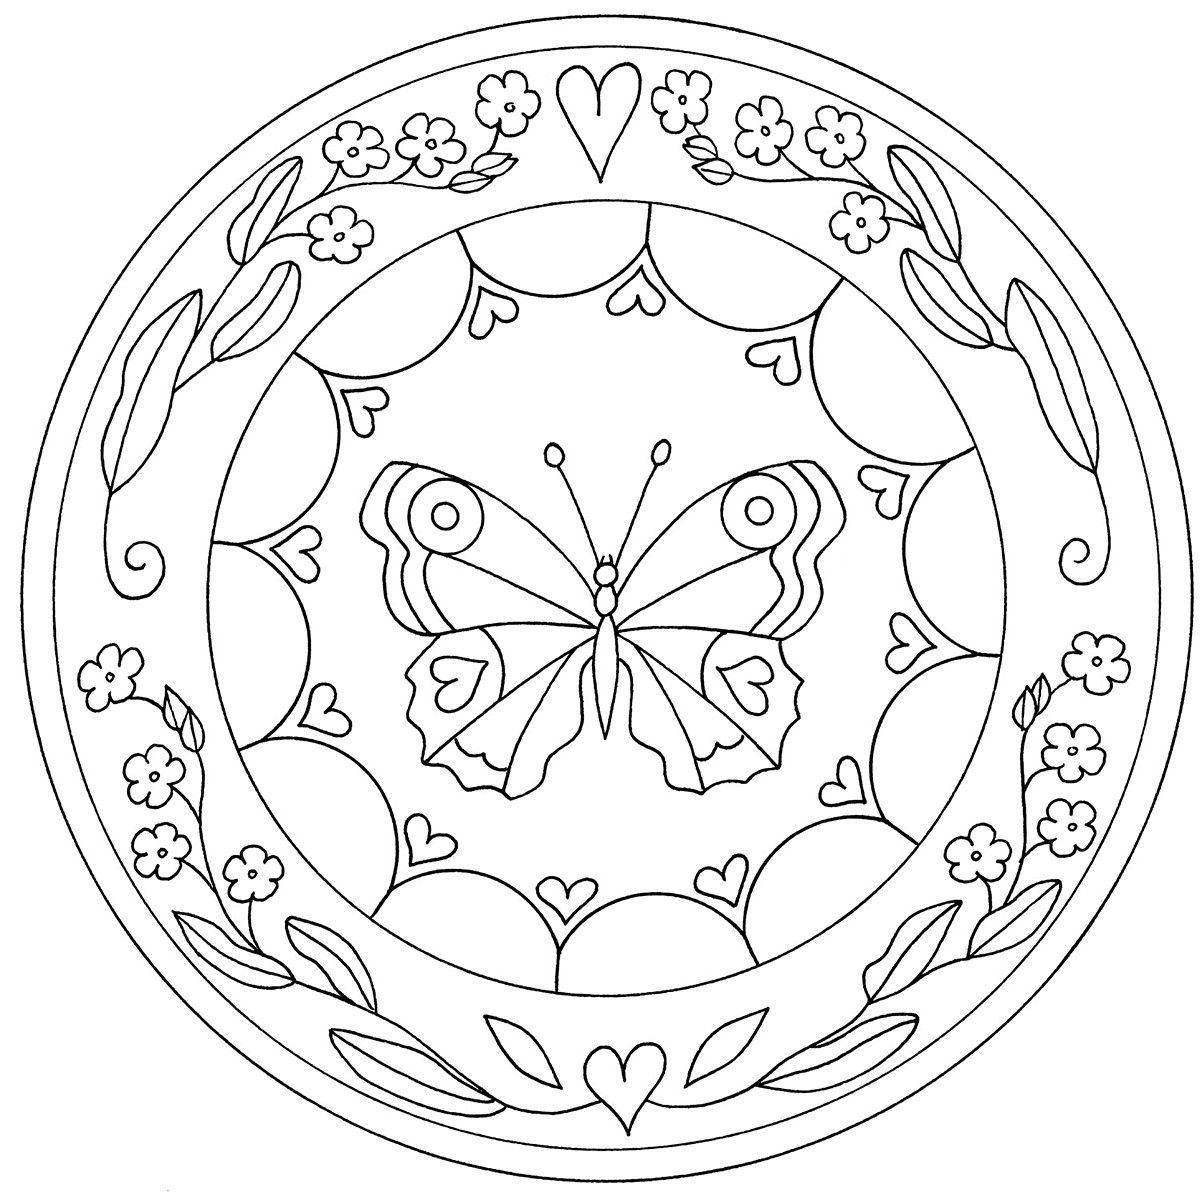 Mandalas: Guía con Imágenes de mándalas para colorear, pintar, hacer ...